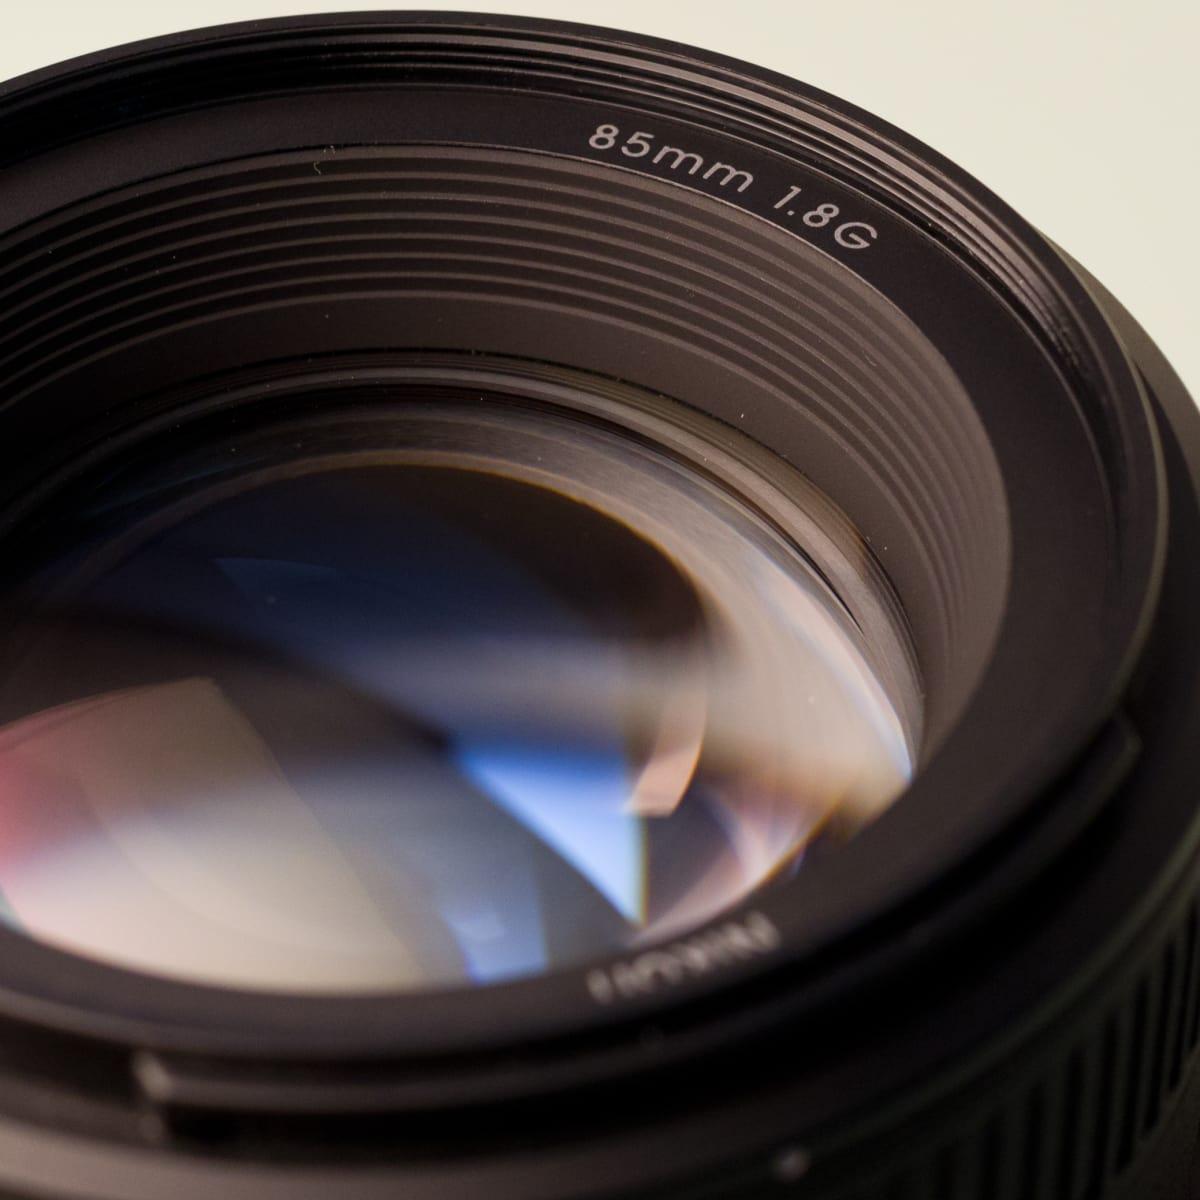 The Best Nikon Lenses of 2019 - Reviewed Lenses